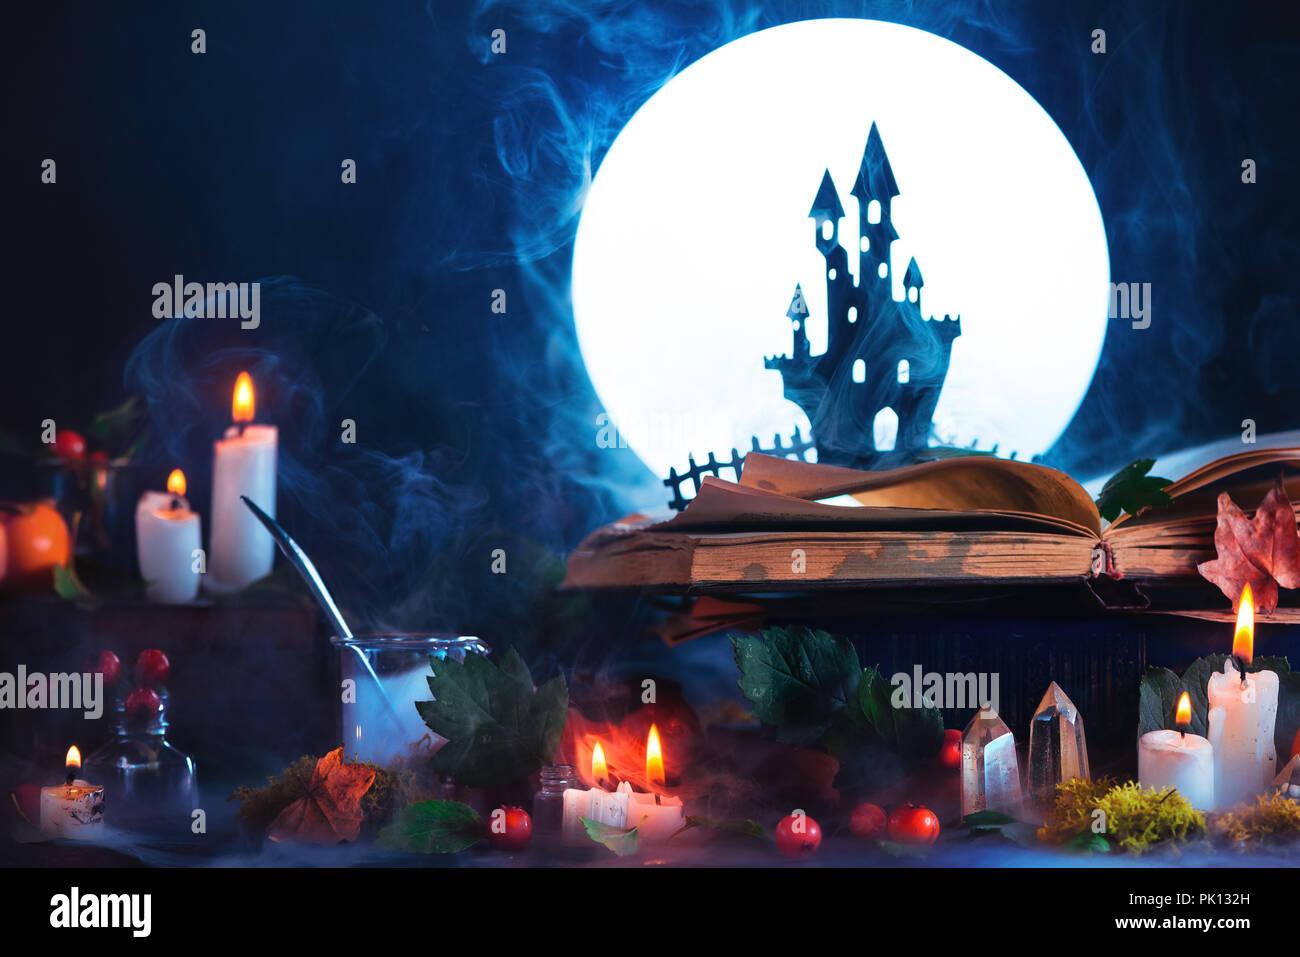 Concepto de Halloween con un castillo encantado silueta delante de la luna llena. Libro de hechizos de bruja asistente o lugar de trabajo. Todavía en vida mágica creativa Imagen De Stock